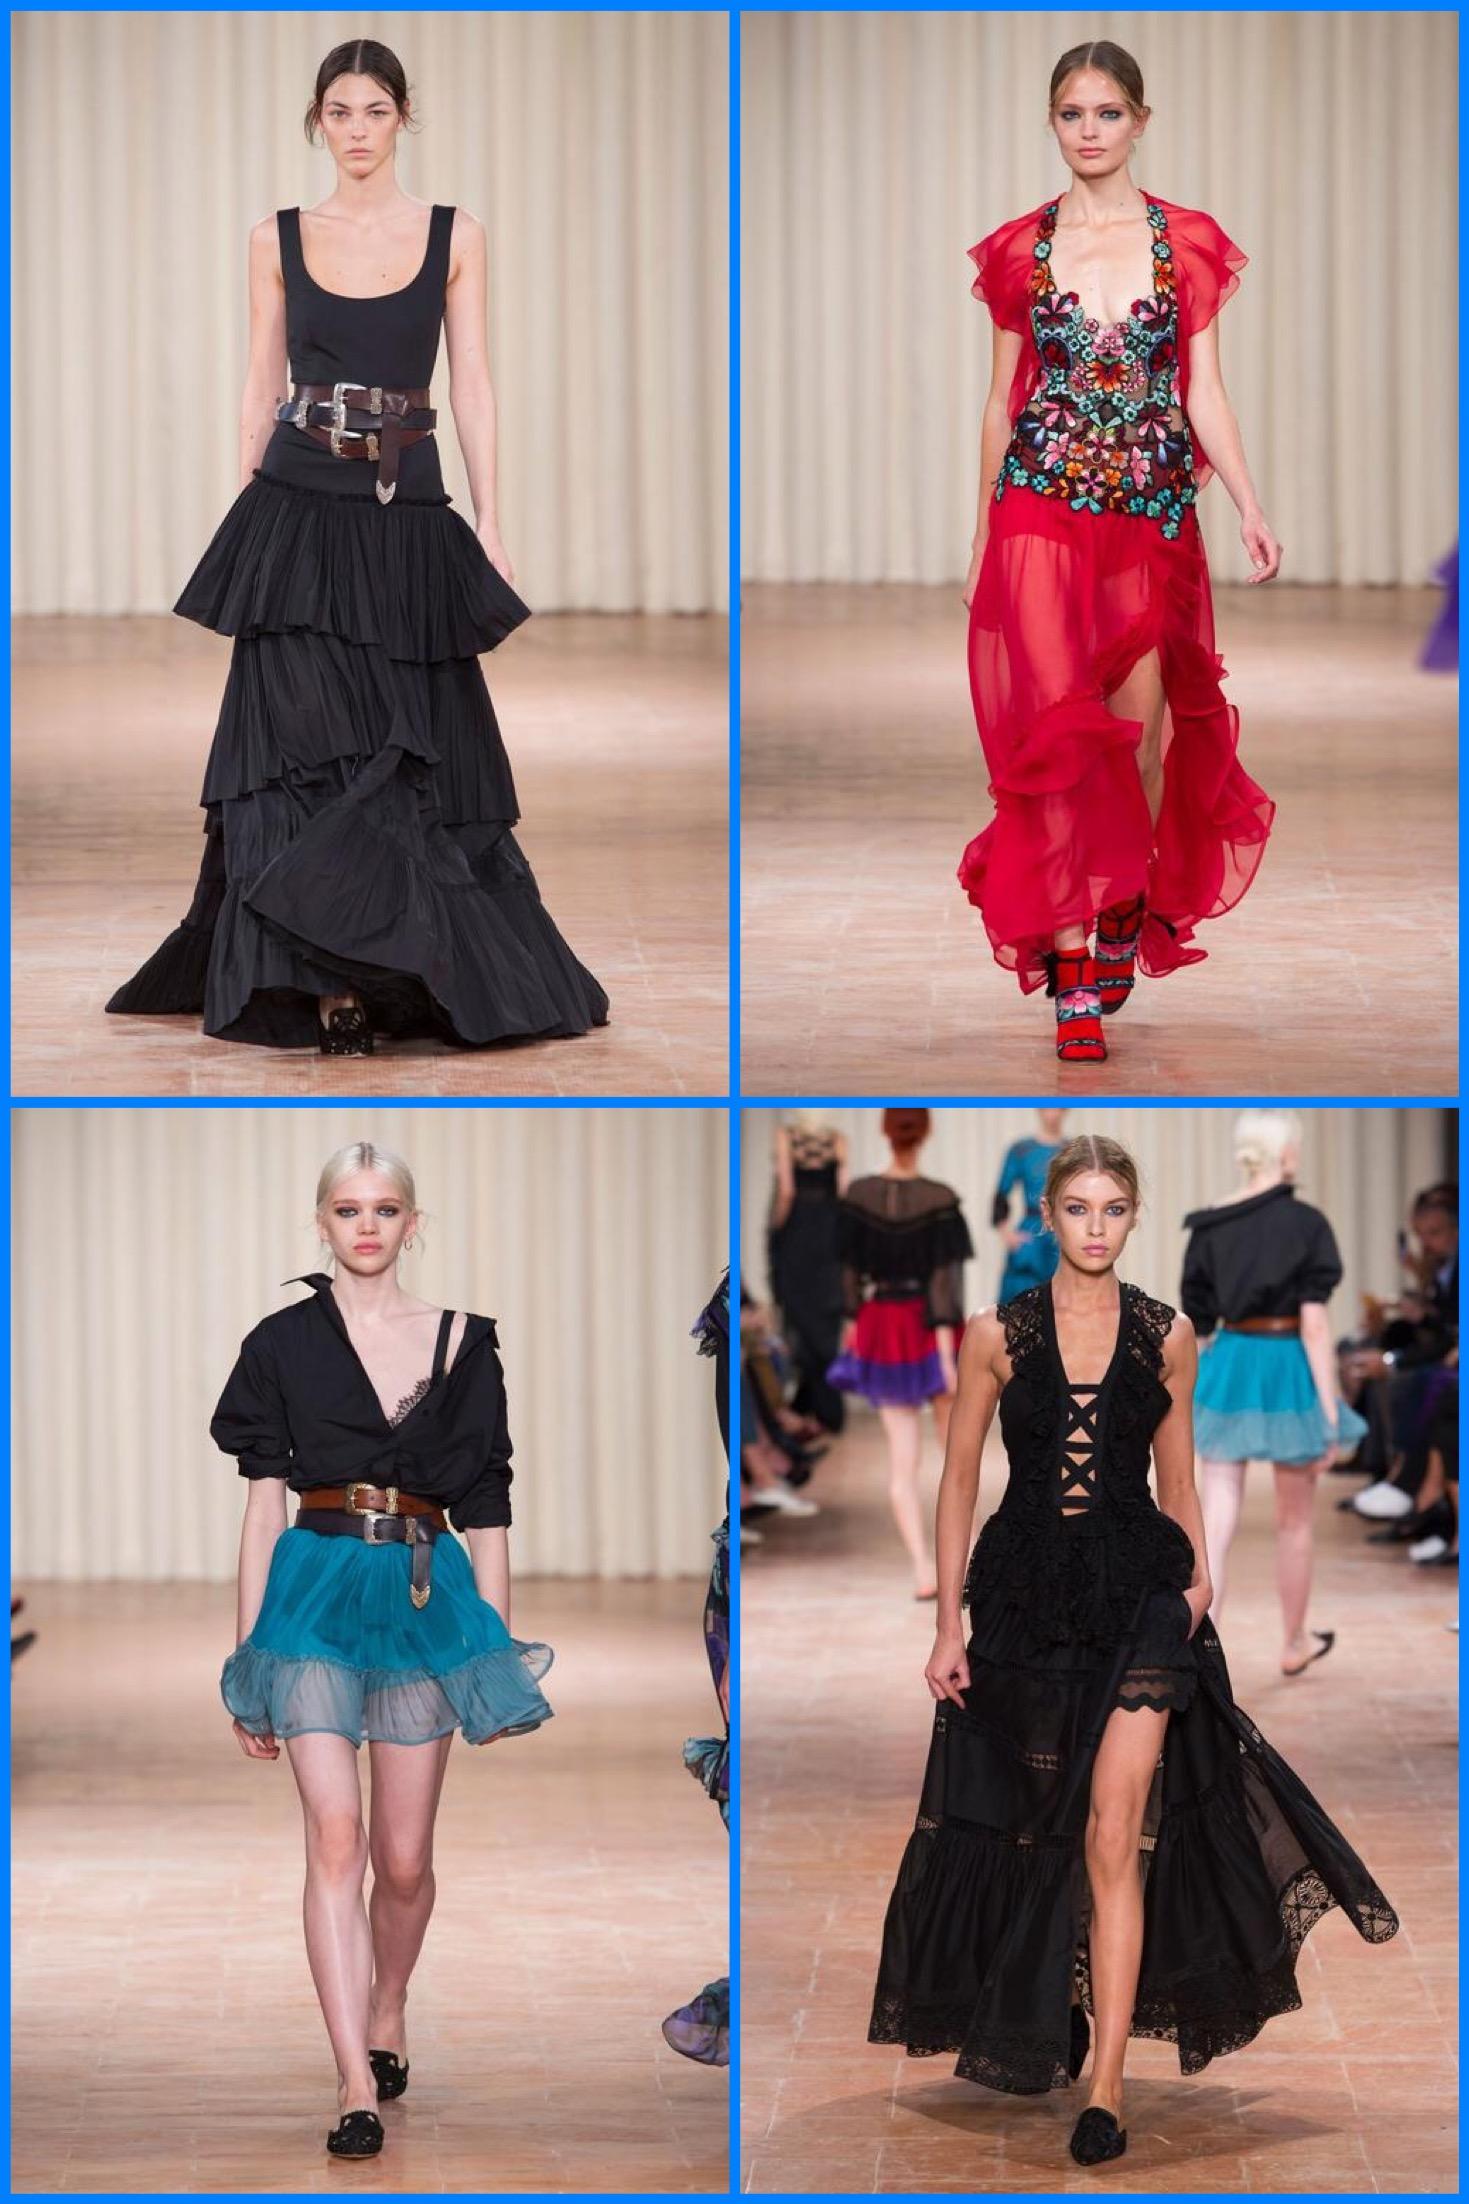 milano-fashion-week-pret-a-porter-spring-summer-2017-style-alberta-ferretti